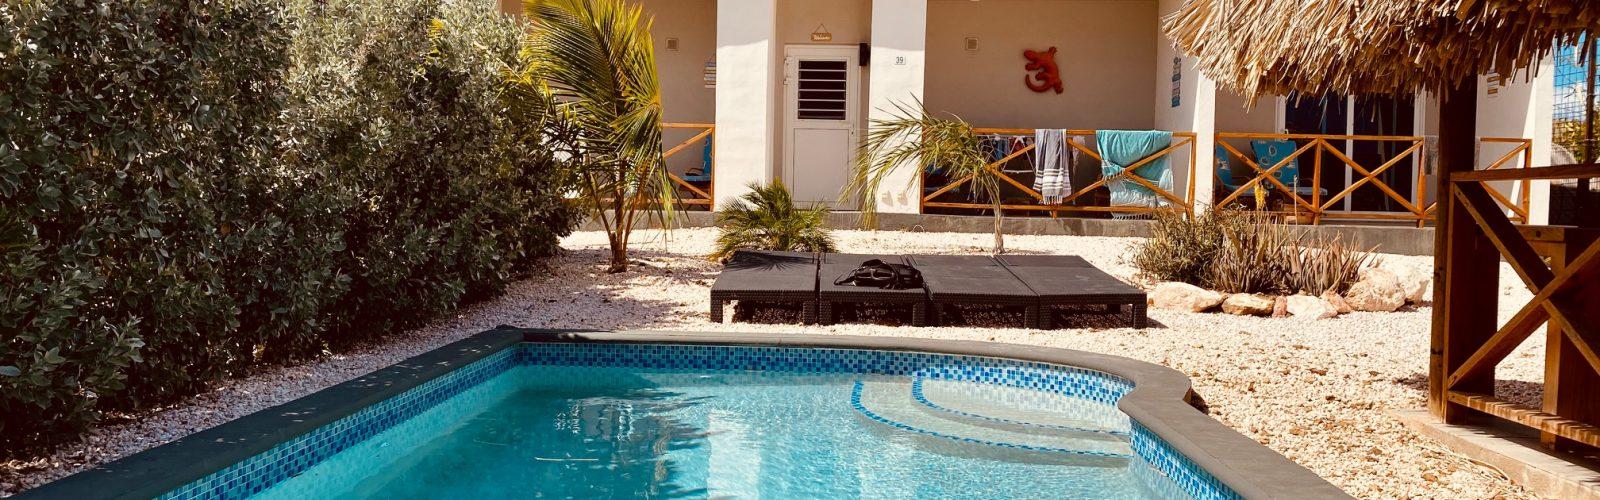 Telamonstraat - Stage Curacao